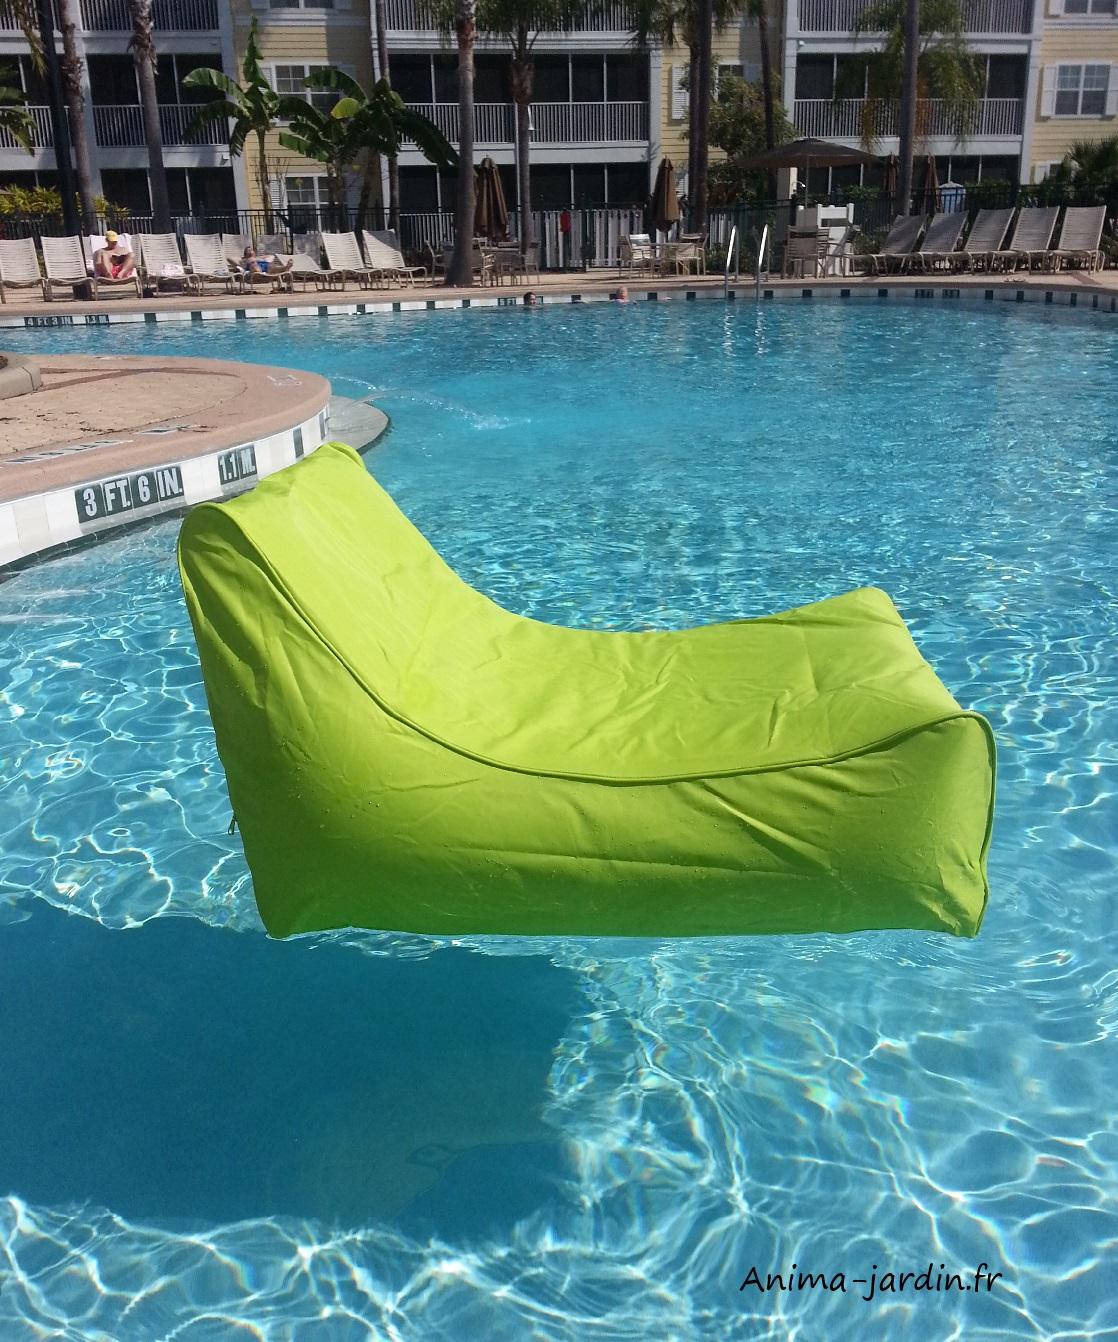 Fauteuil flottant piscine kiwi gonflable canap de - Piscine de la potennerie ...